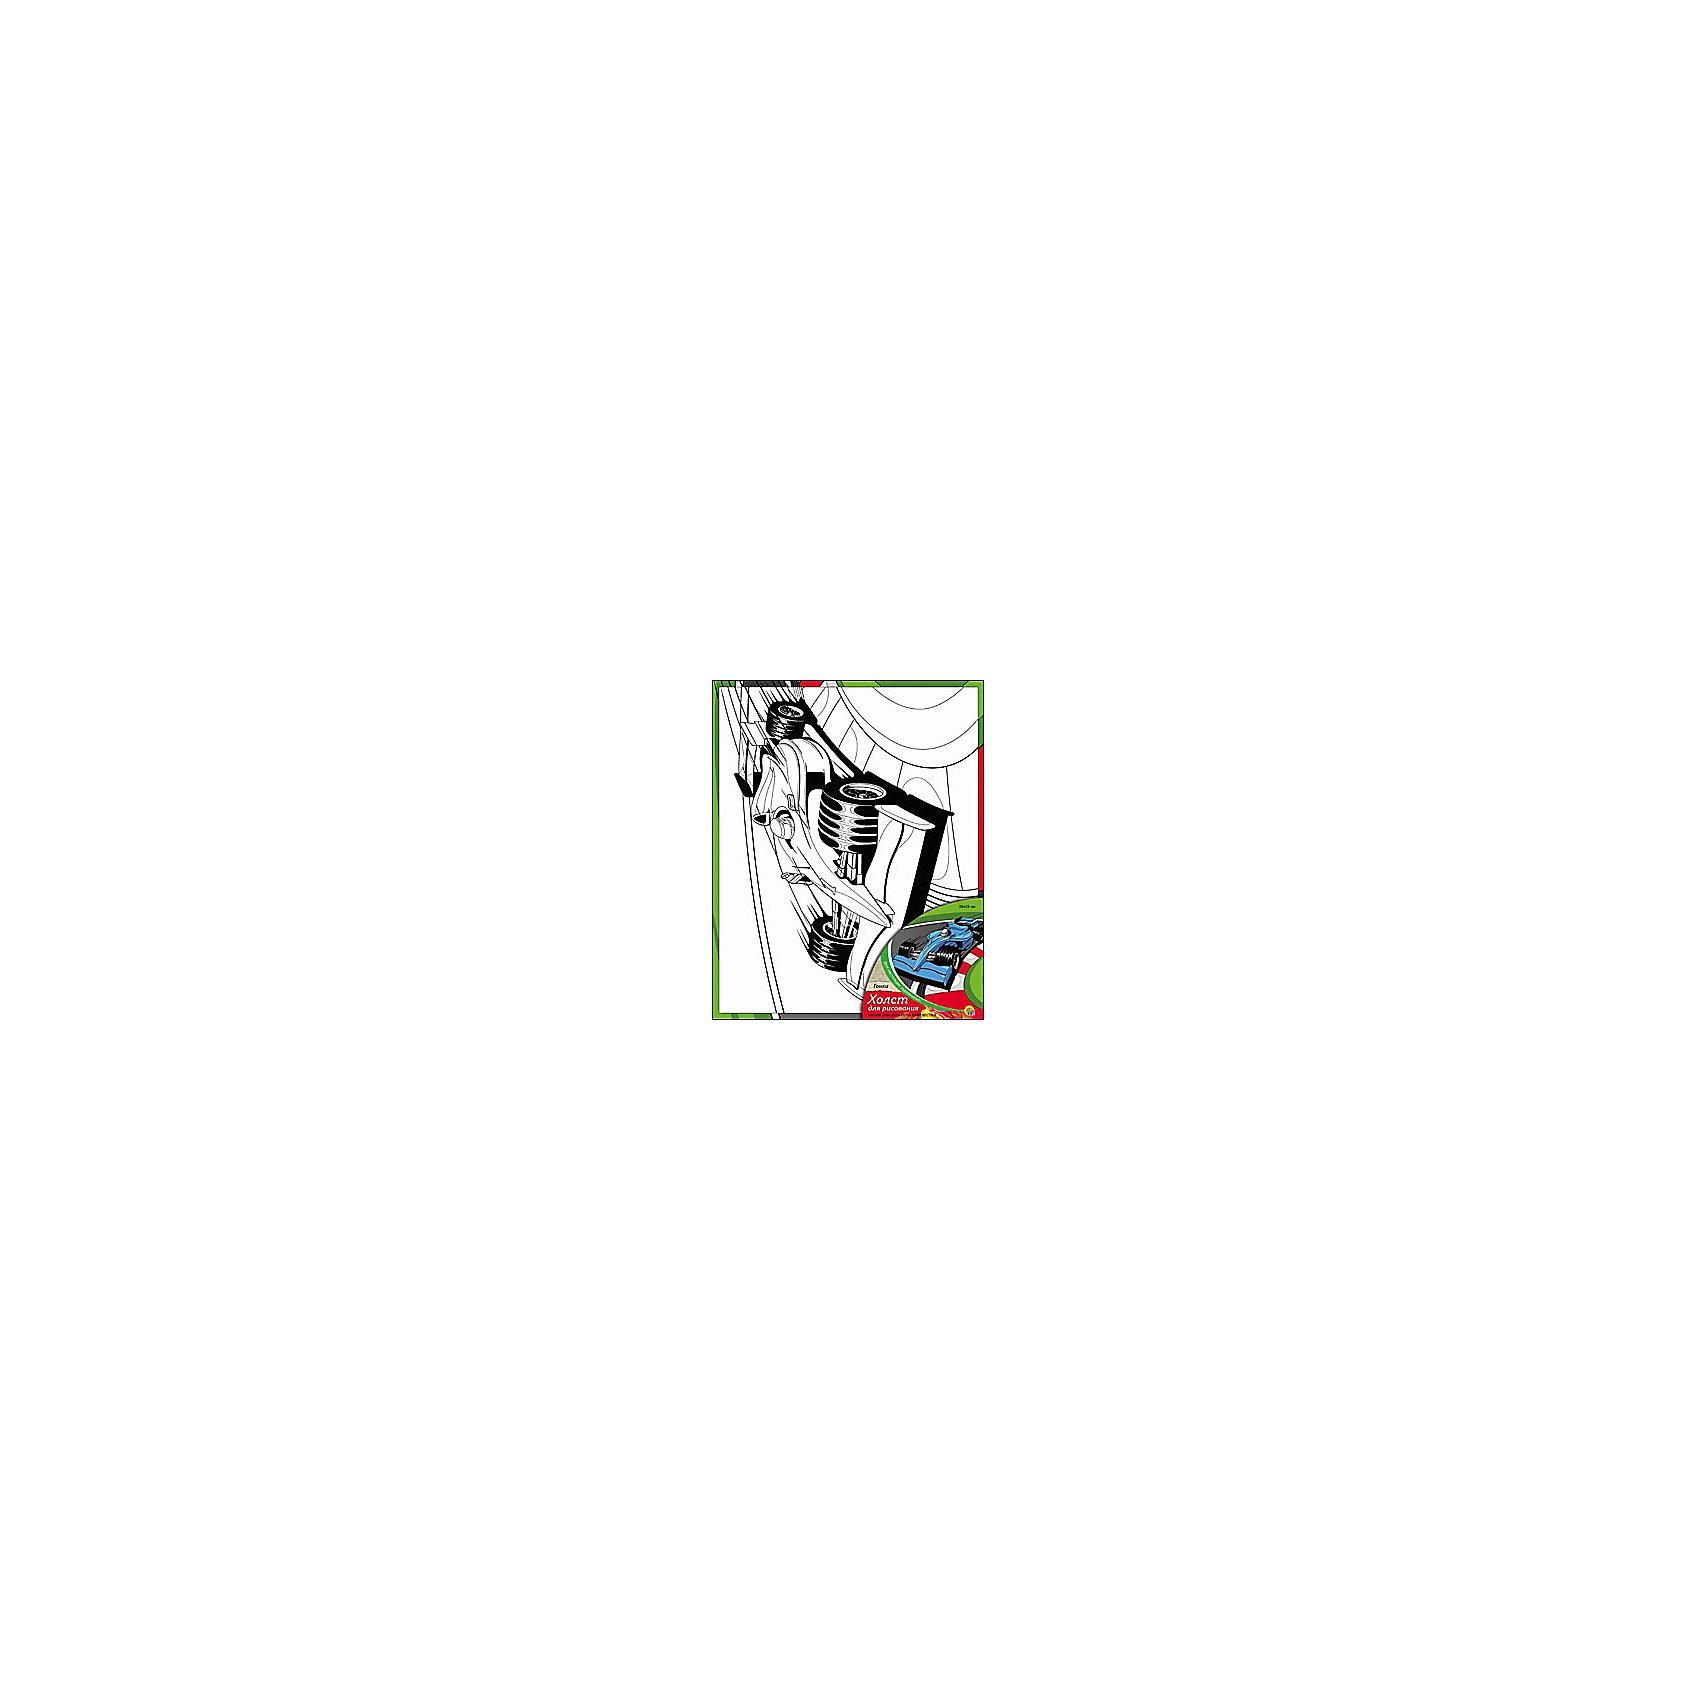 Холст с красками Гонки, 20х25 смРисование<br>Холст с красками Гонки - прекрасный подарок детям, которые любят рисовать. В наборе вы найдете всё, что нужно для детского творчества: холст с эскизом, яркие краски и кисточка. Готовую картинку можно подарить друзьям или украсить свою комнату!<br><br>Дополнительная информация:<br>В наборе: холст-эскиз, 7 акриловых красок, кисточка<br>Размер: 20х1,5х25 см<br>Вес: 210 грамм<br>Холст с красками Гонки можно купить в нашем интернет-магазине.<br><br>Ширина мм: 250<br>Глубина мм: 15<br>Высота мм: 200<br>Вес г: 210<br>Возраст от месяцев: 36<br>Возраст до месяцев: 120<br>Пол: Унисекс<br>Возраст: Детский<br>SKU: 4939519